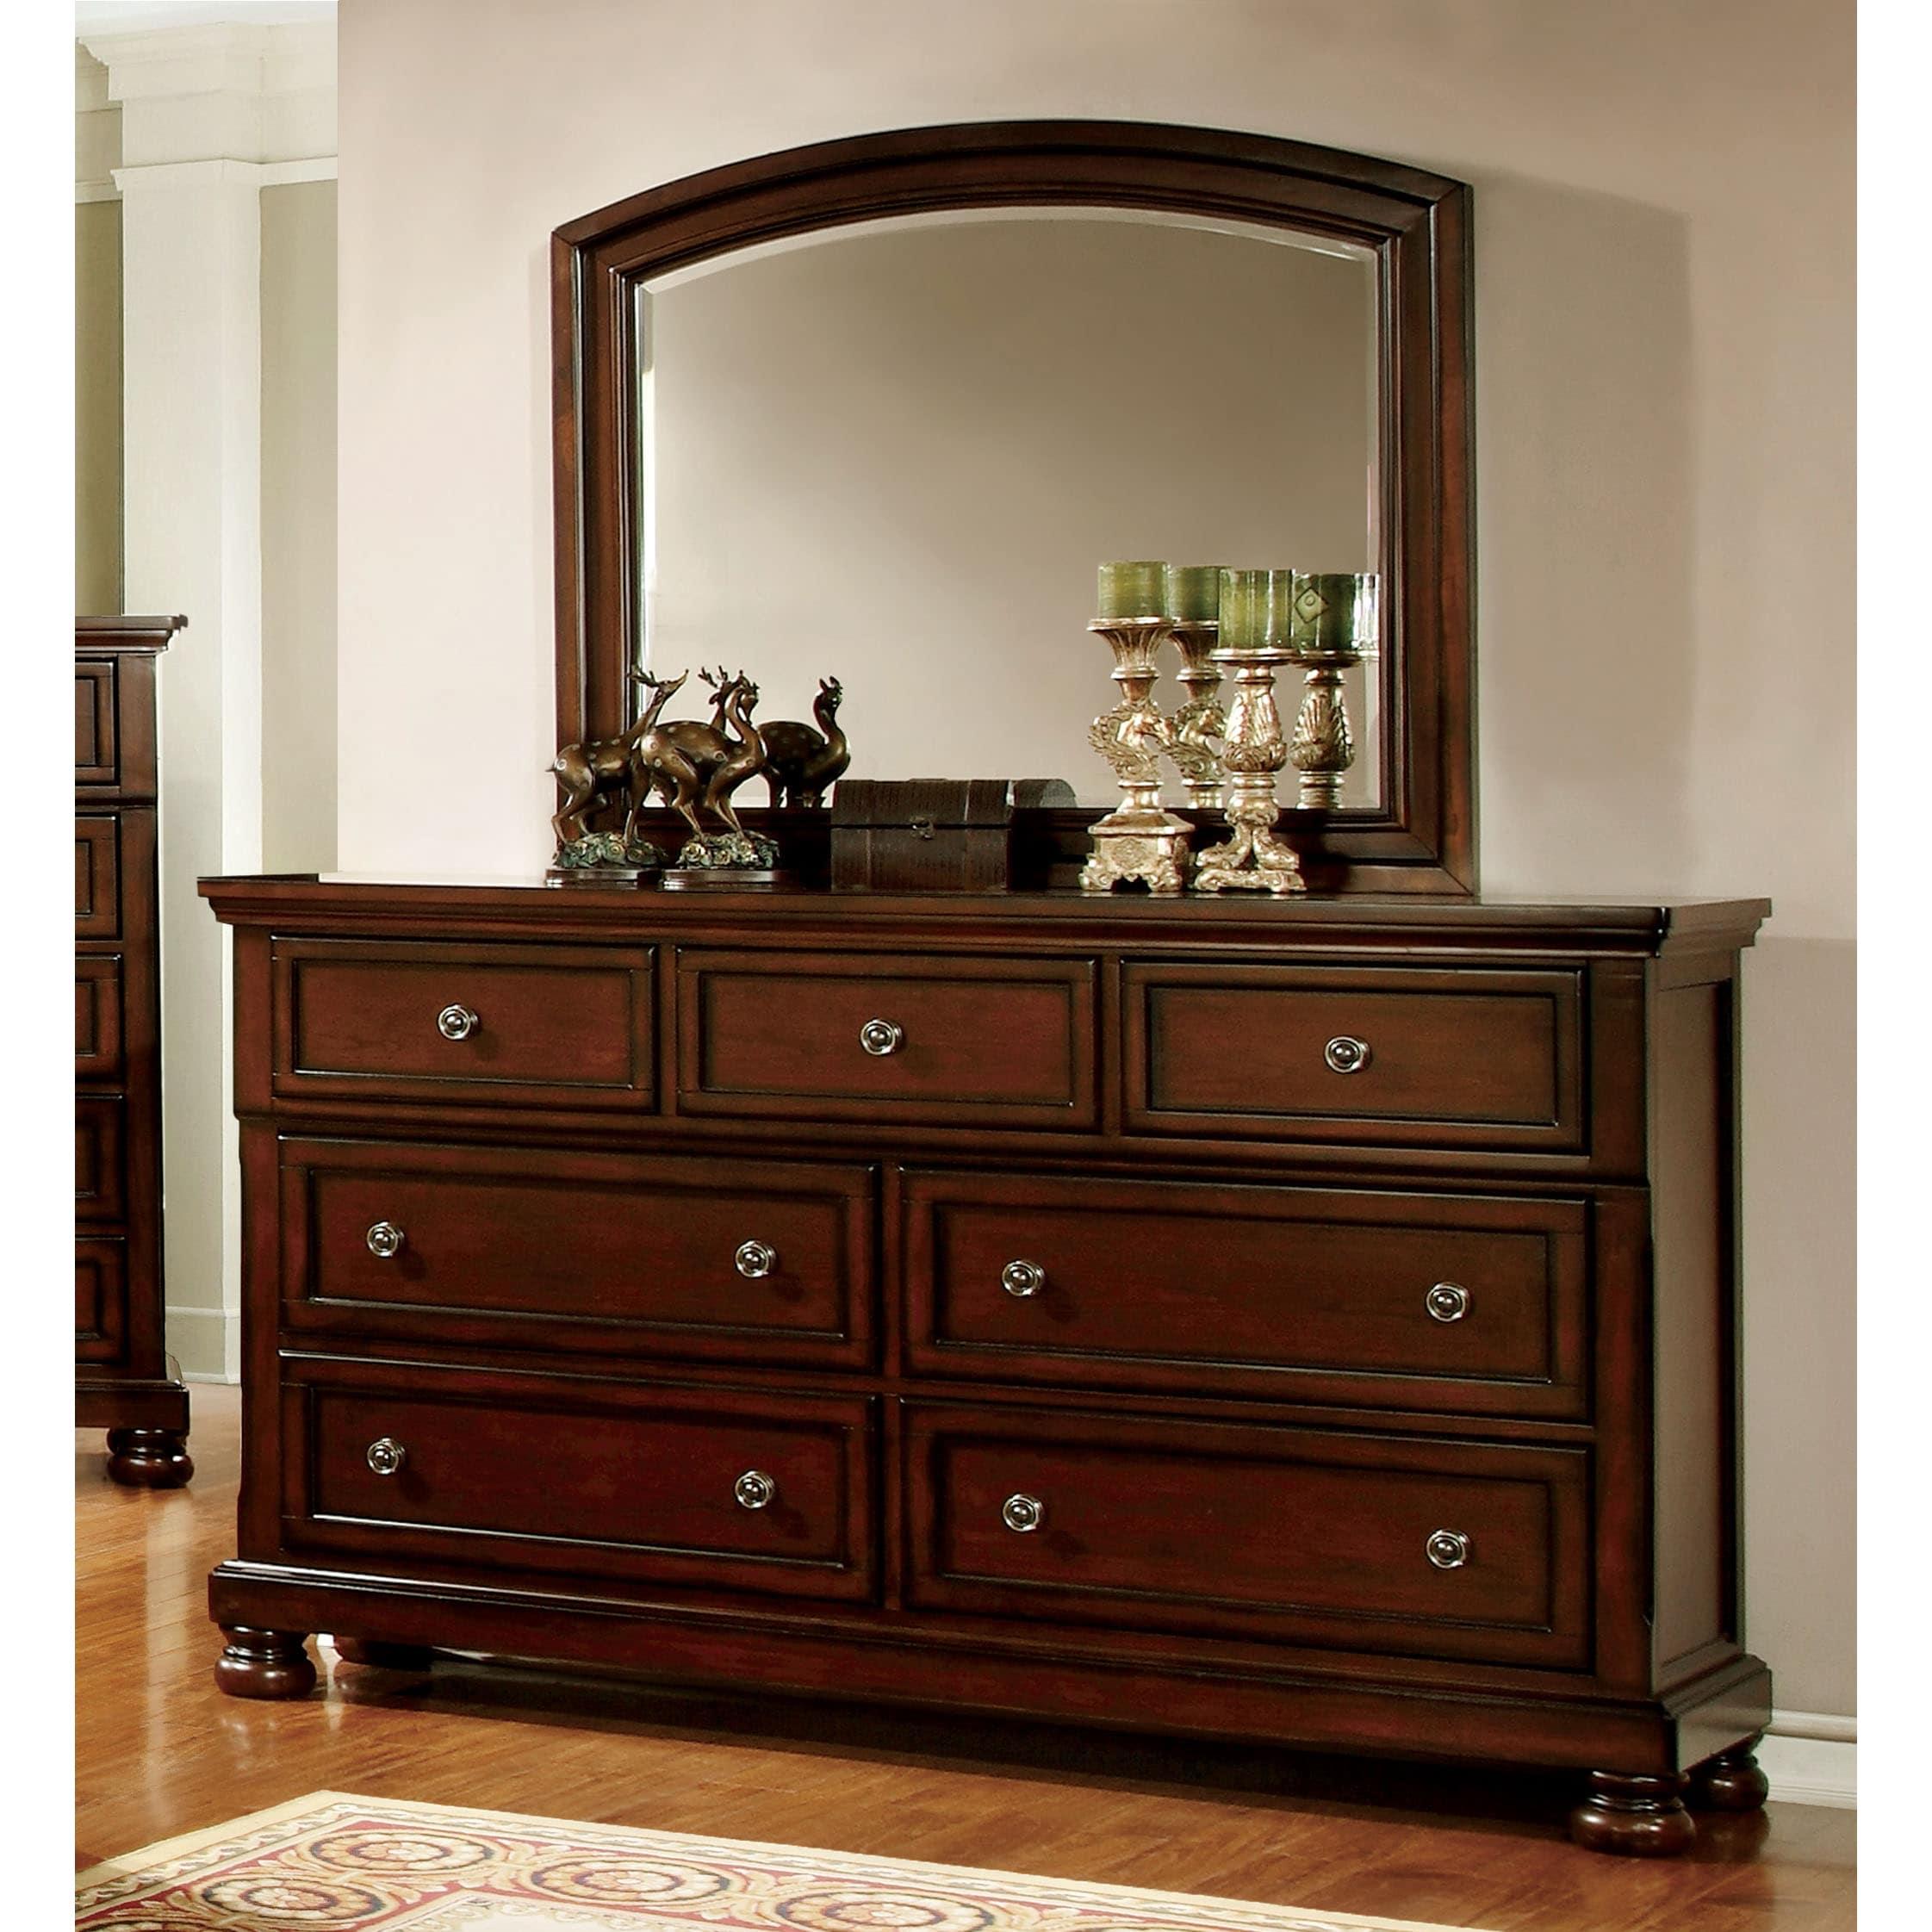 most makeup desk antique with set originality vanity mirror bedroom vintage dresser modern fantastic and